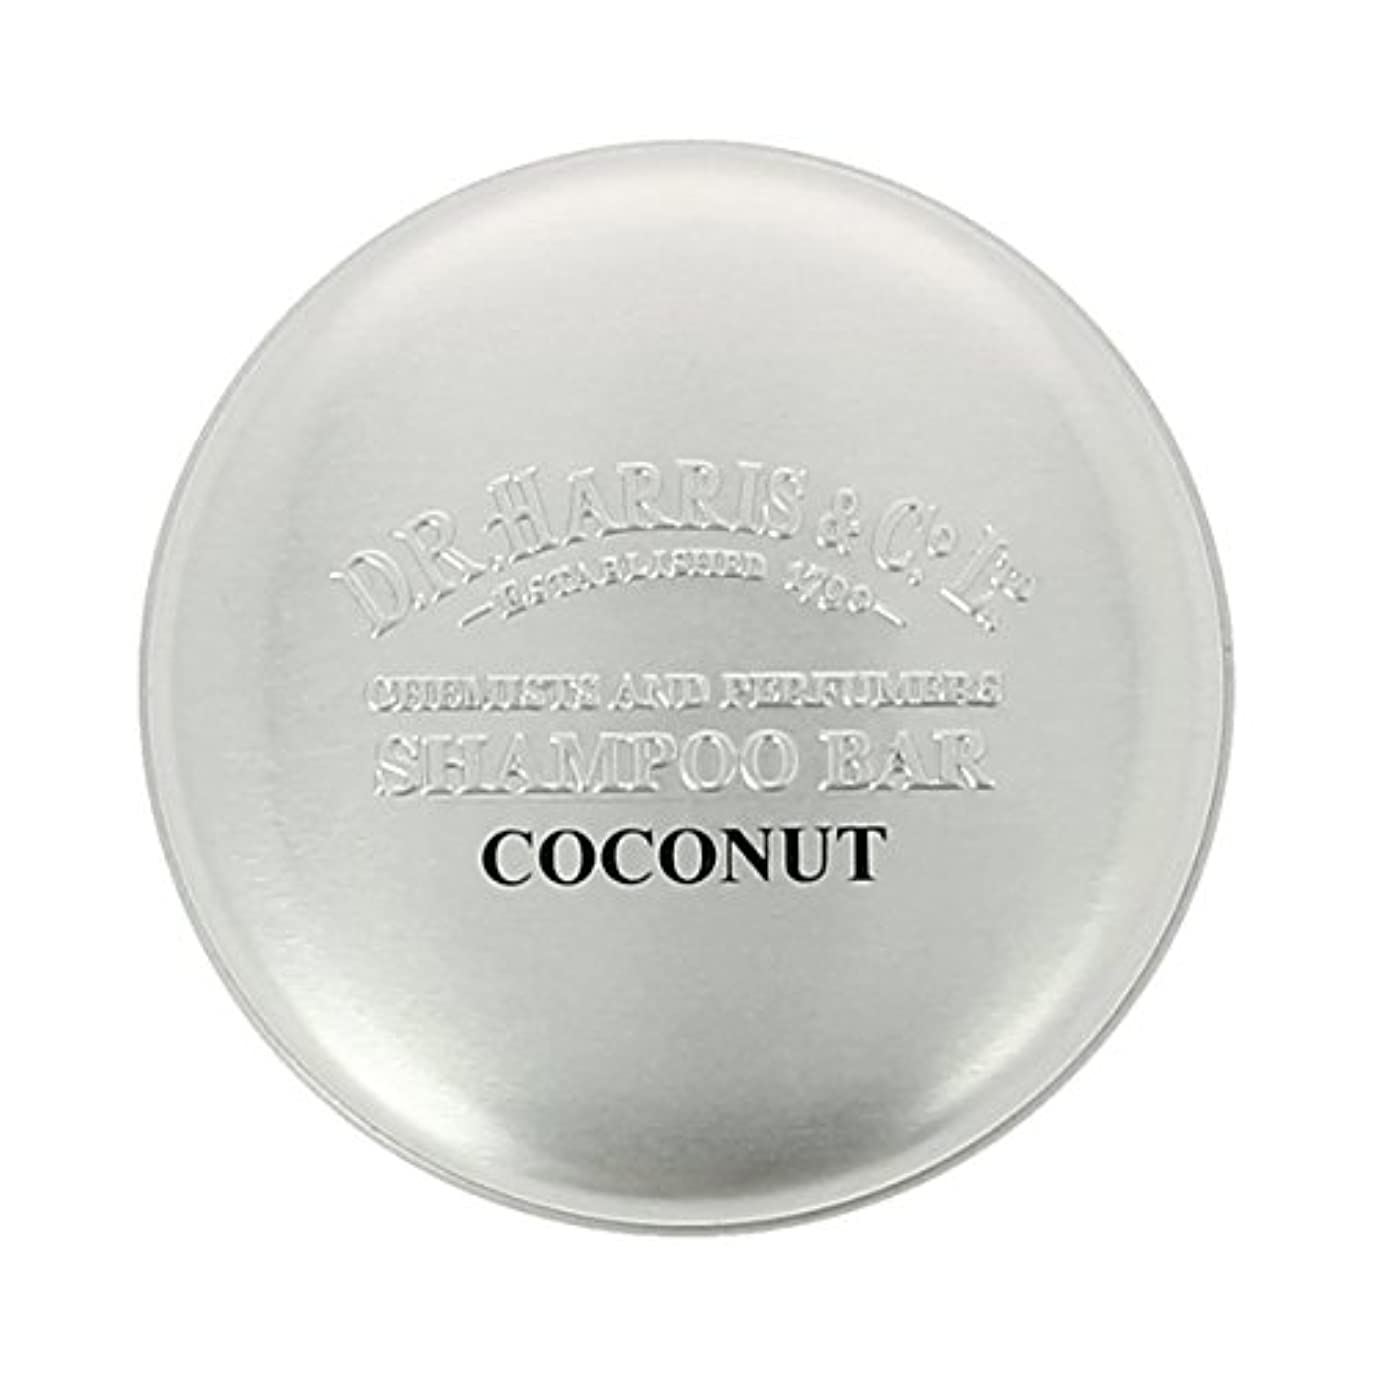 最小化するアイスクリーム殺すD Rハリス ココナッツシャンプーバー50g[海外直送品] [並行輸入品]